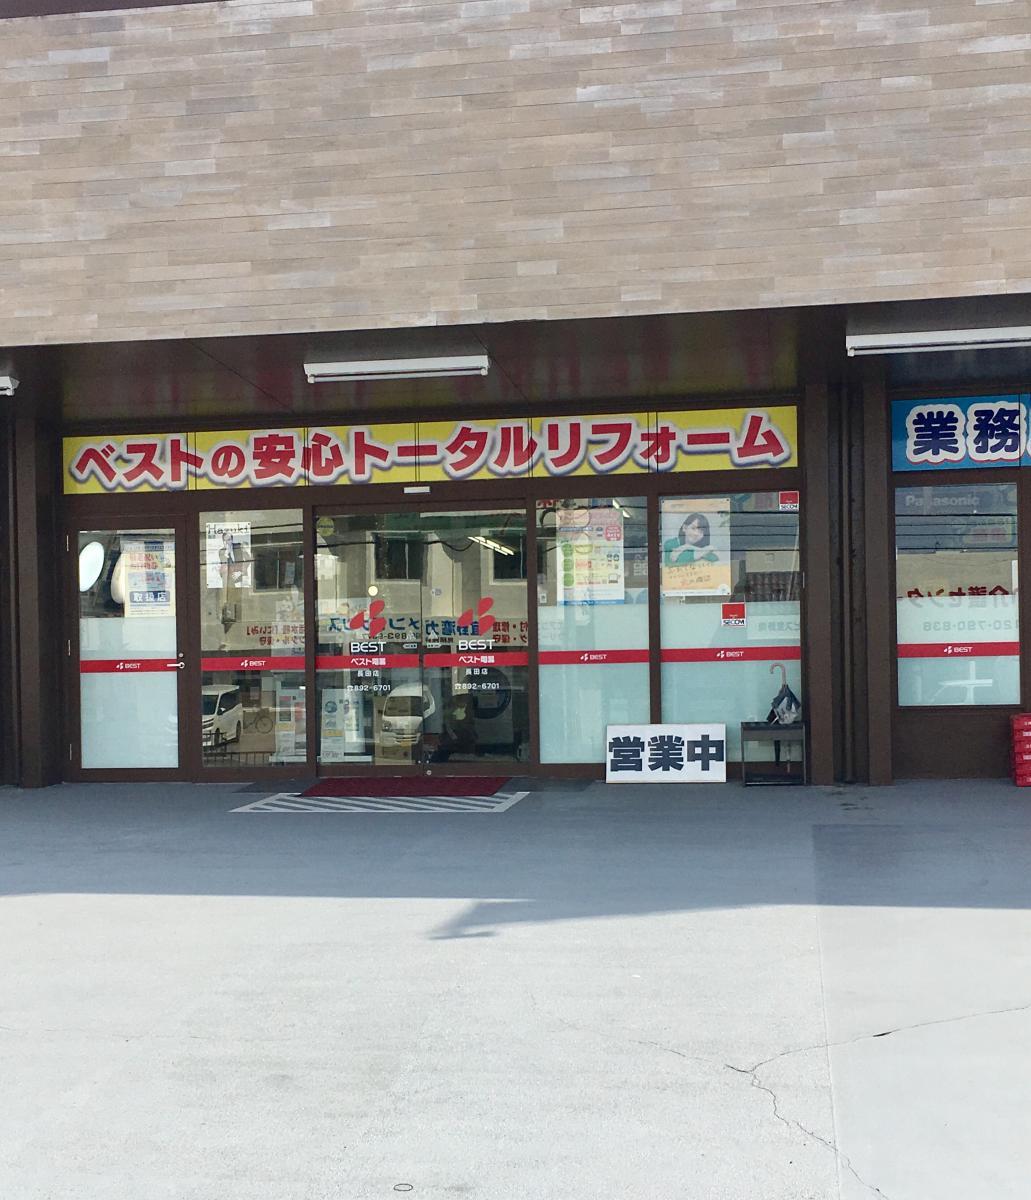 ベスト電器 長田店_施設外観